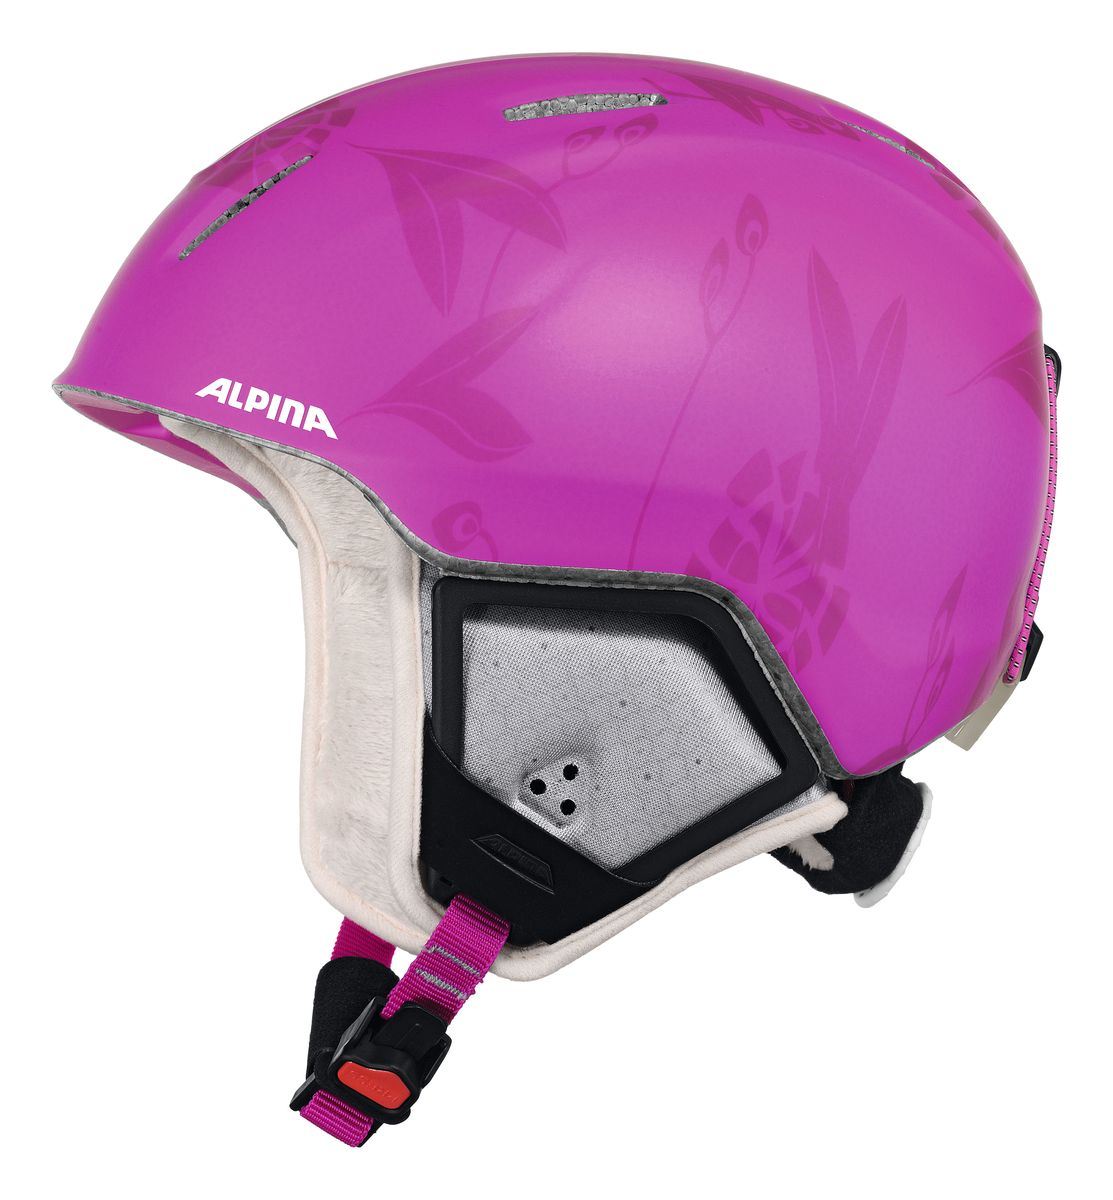 Шлем зимний Alpina Carat Xt, цвет: розовый. Размер 51-559080_53Особенности зимнего шлема Alpina Carat Xt.Вентиляционные отверстия препятствуют перегреву и позволяют поддерживать идеальную температуру внутри шлема. Для этого инженеры Alpina используют эффект Вентури, чтобы сделать циркуляцию воздуха постоянной и максимально эффективной. Внутренник шлема легко вынимается, стирается, сушится и вставляется обратно.Из задней части шлема можно достать шейный утеплитель из мягкого микрофлиса. Этот теплый воротник также защищает шею от ударов на высокой скорости и при сибирских морозах. В удобной конструкции отсутствуют точки давления на шею.Прочная и лёгкая конструкция InmoldInmould - технология, при которой внутренняя оболочка из EPS (вспененного полистирола) покрыта поликарбонатом. Внешняя тонкая жесткая оболочка призвана распределить энергию от удара по всей площади шлема, защитить внутреннюю часть от проникновения острых осколков и сохранить ее форму. Внутренняя толстая мягкая оболочка демпфирует ударную энергию, предохраняя головной мозг от ударов. Такой шлем наиболее легкий и подходит большинству горнолыжников, не бросающих вызов судьбе в поисках адреналина. Тонкая и прочная поликарбонатная оболочка под воздействием высокой температуры и давления буквально сплавляется с гранулами EPS.Вспенивающийся полистирол (ПСВ) является изоляционным полимерным материалом. Каждая гранула состоит из равномерно распределенных микроскопических плотных клеток, заполненных воздухом. Пенополистирол на 98% состоит из воздуха и только на 2% из полистирола. Такая структура и придает замечательные свойства материалу, получившему заслуженное признание во всем мире. Прочность пенополистиролапозволяет применять его в качестве конструктивного элемента, способного нести значительные нагрузки в течение длительного времени. Пенополистирол не гигроскопичен, он обладает хорошими механическими и изоляционными свойствами и значительной конструкционной гибкостью, которые гасят ударную нагрузку. Внутрен